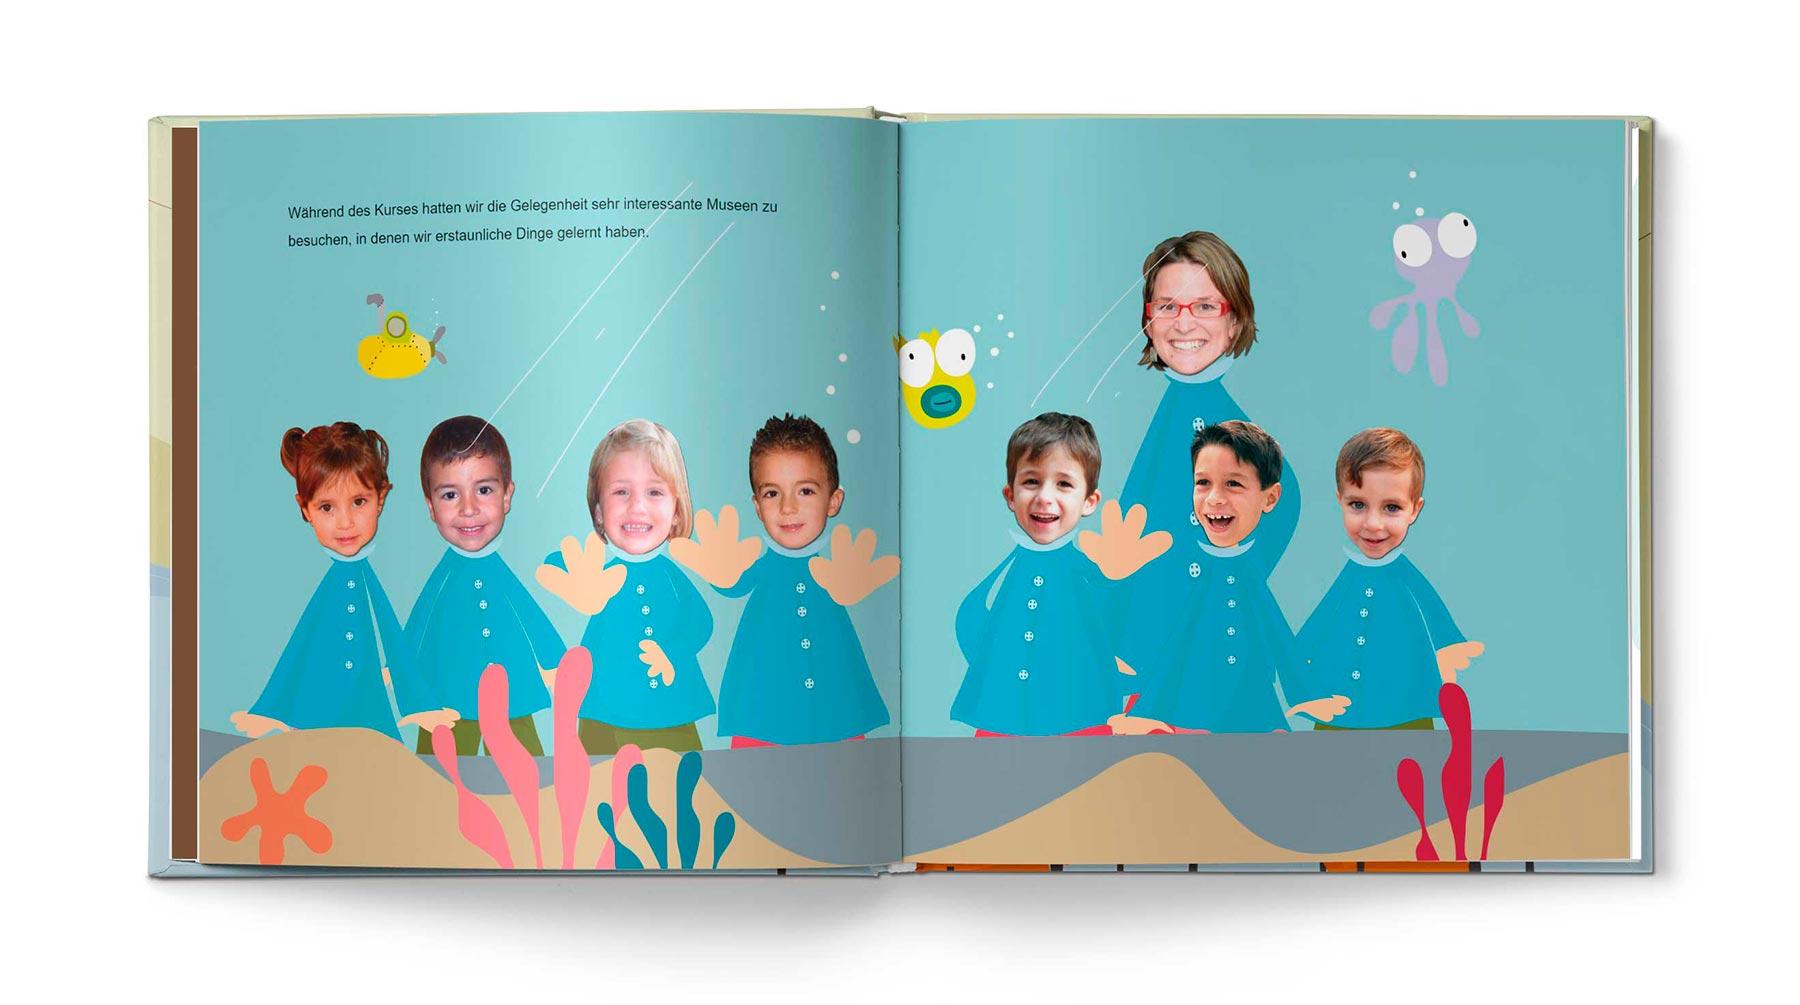 Geschichte Das Schulbuch - Bild 6